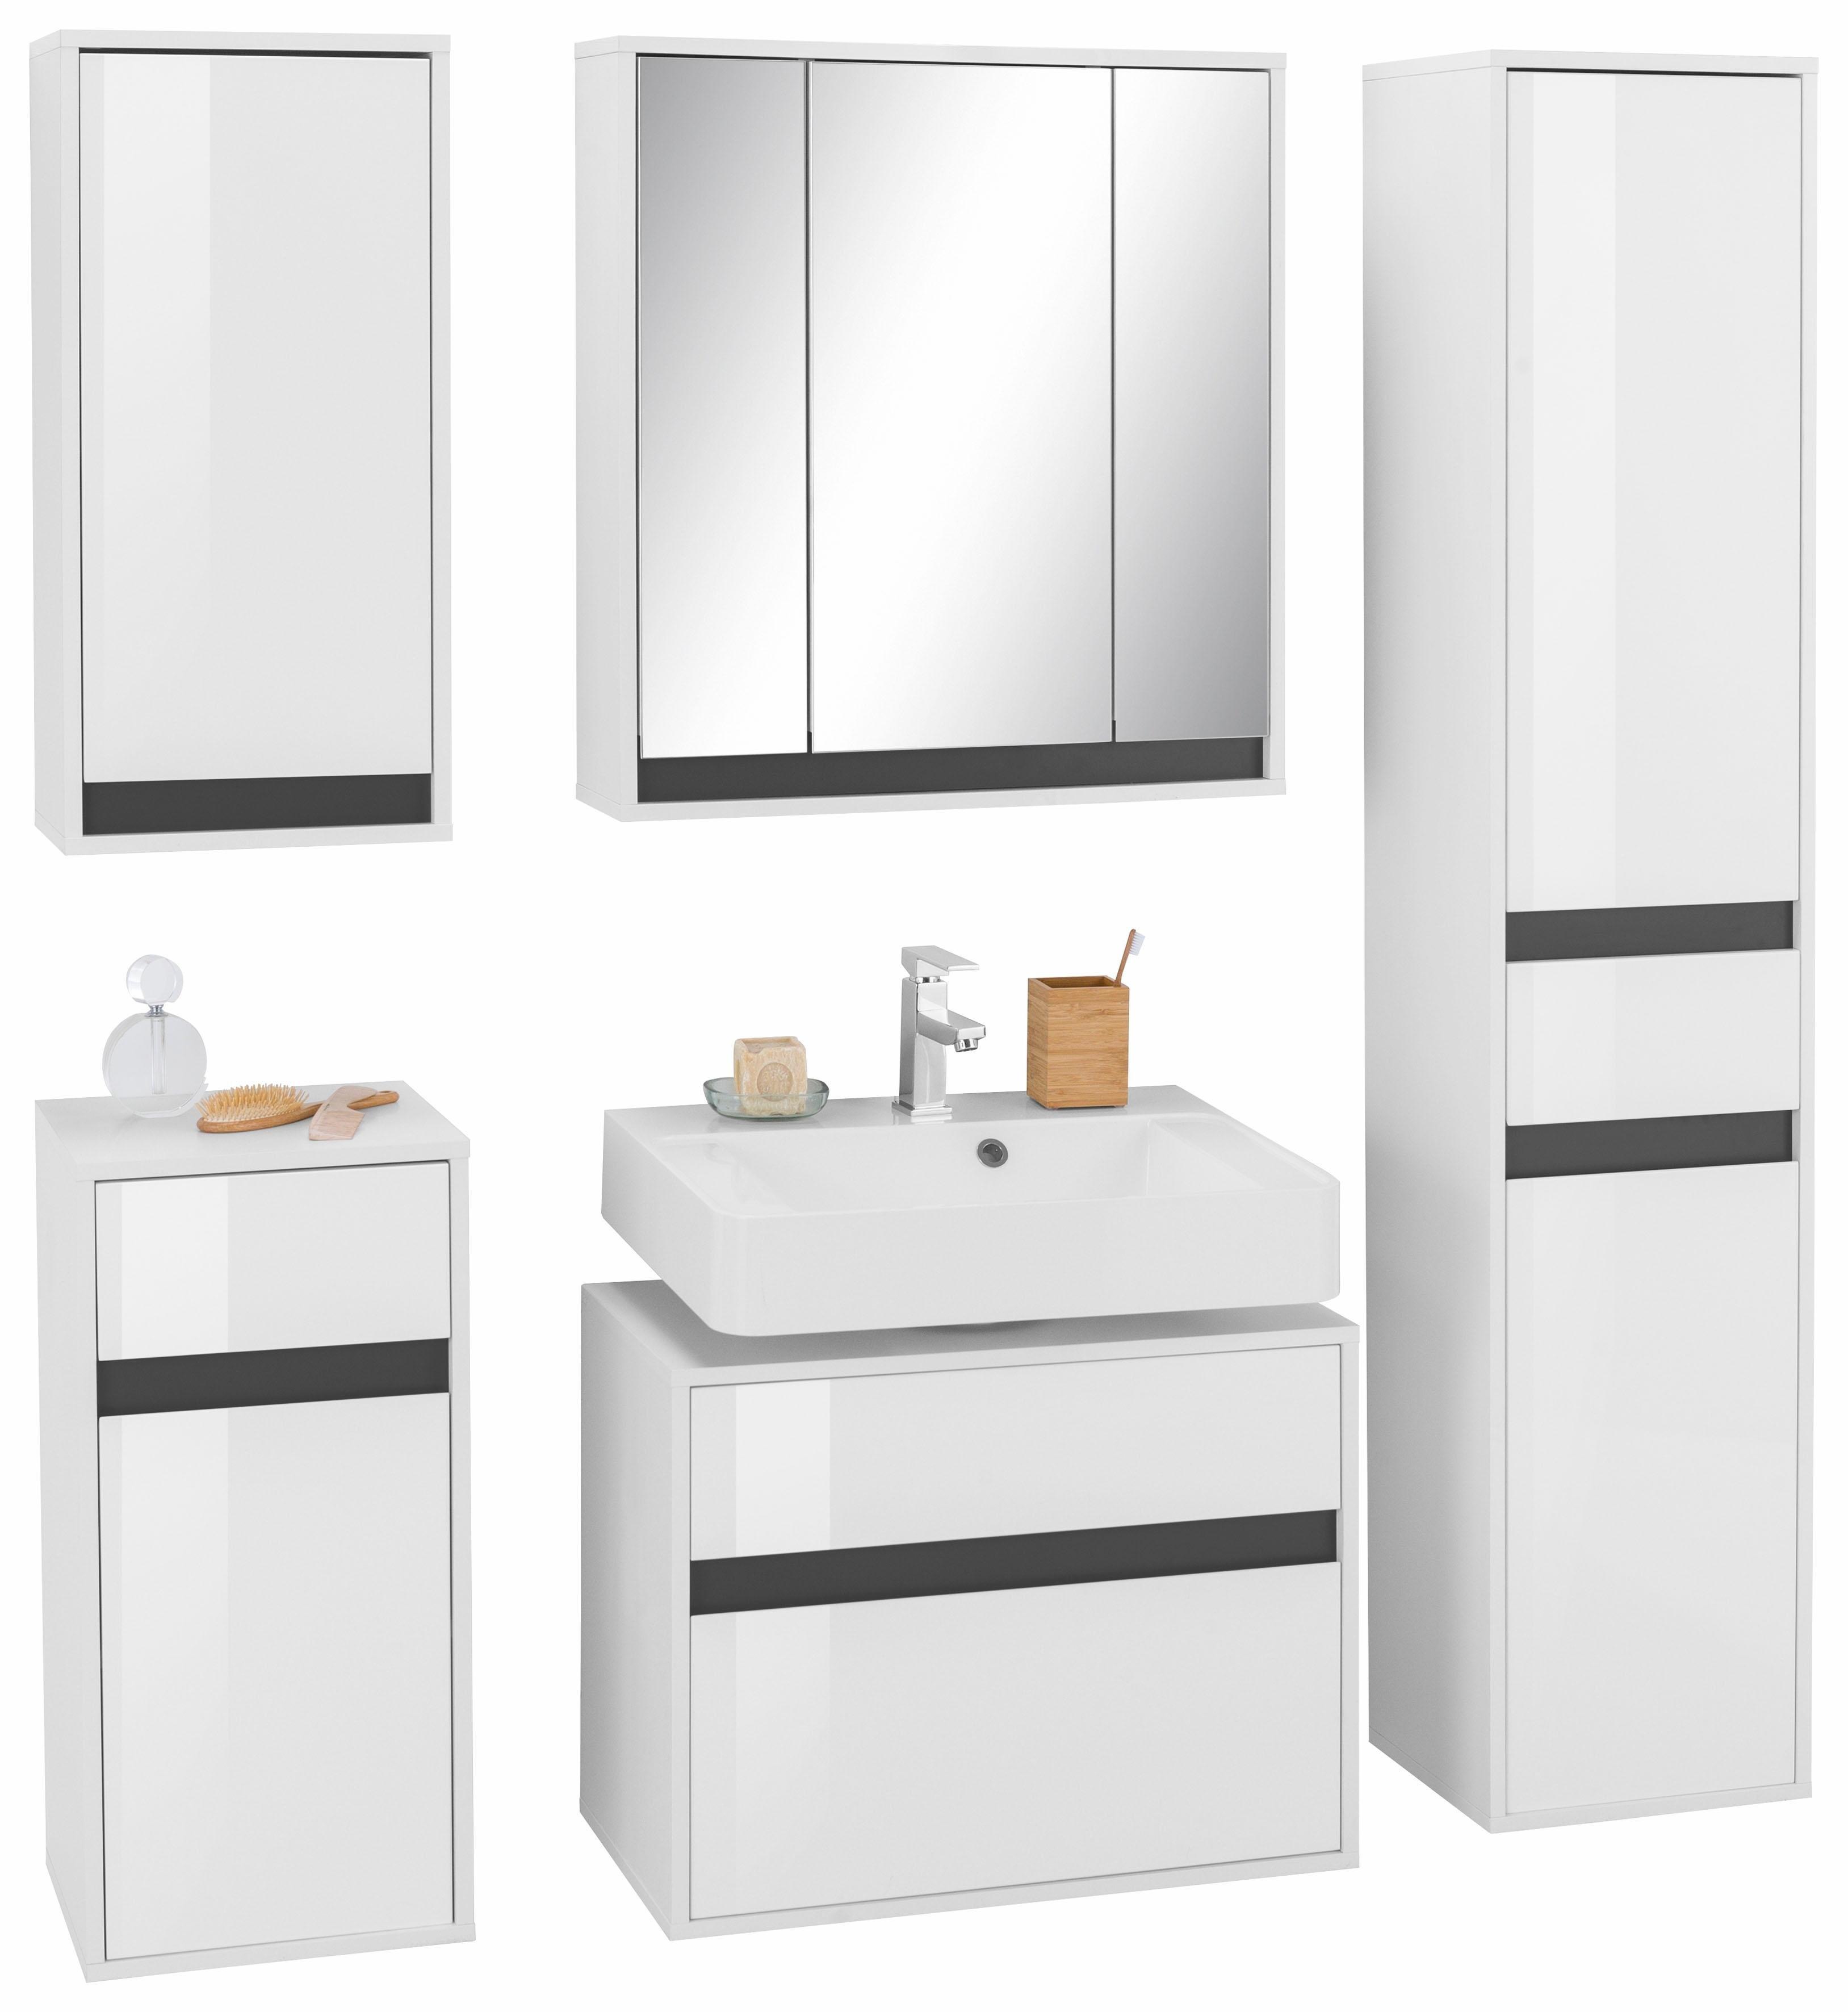 trendteam WELLTIME badkamerserie »Sol« (5-dlg.) bestellen: 30 dagen bedenktijd